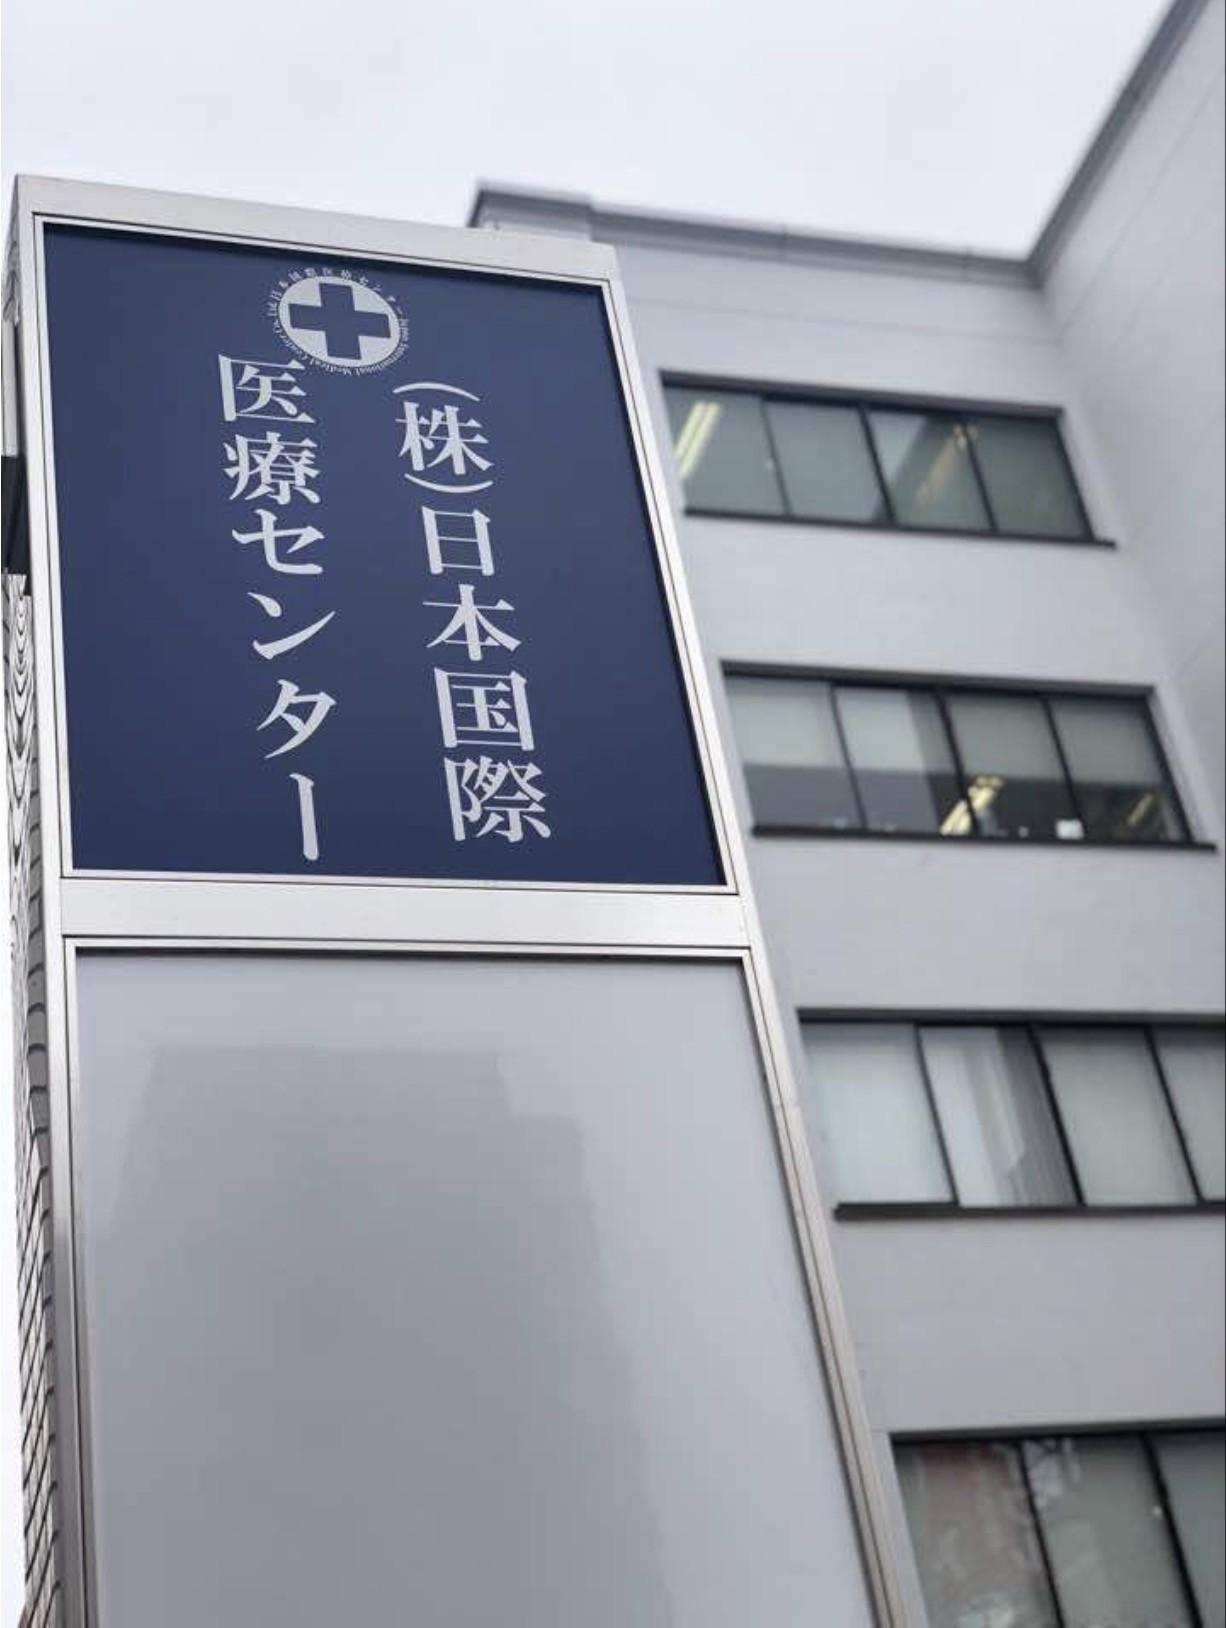 元气健康与日本国际医疗中心JIMC达成战略合作|在北京设立代表处